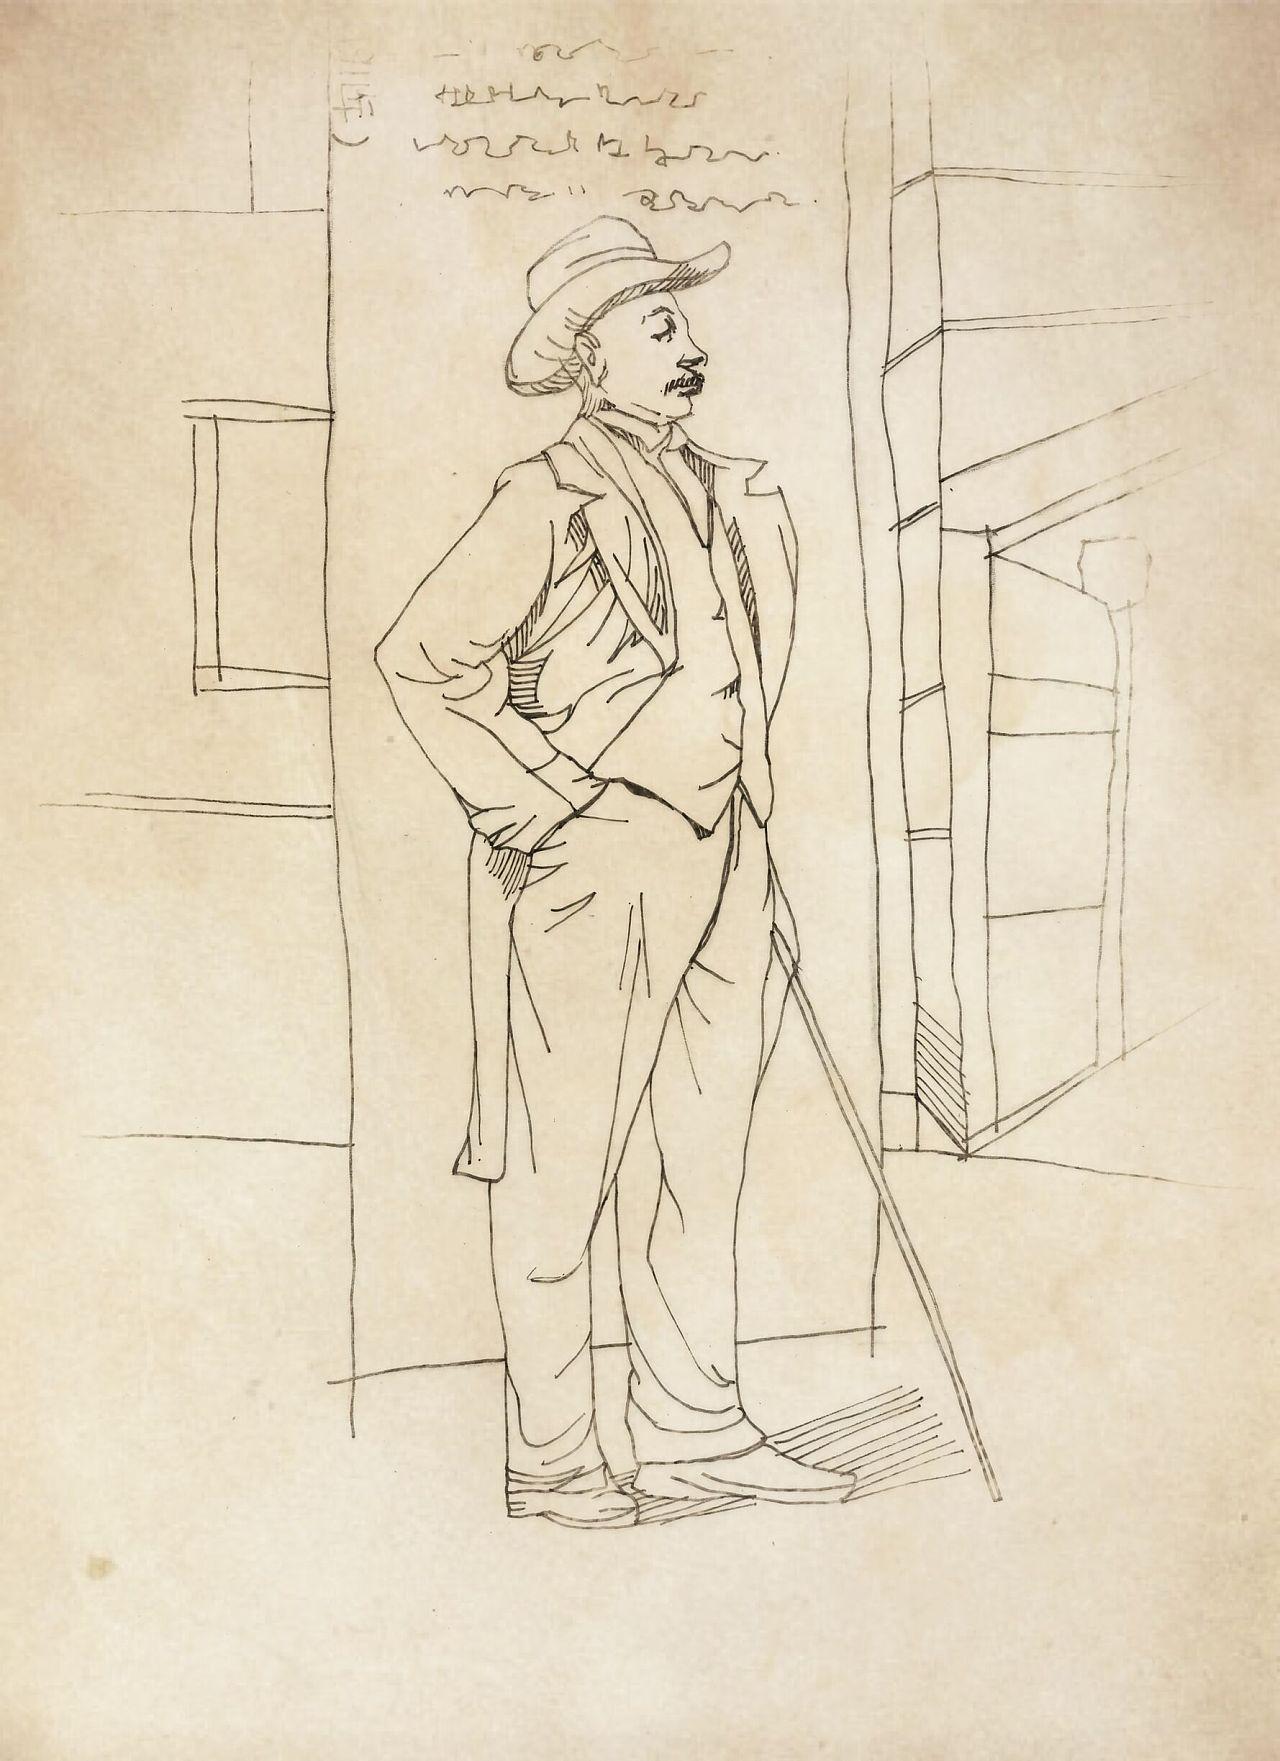 辛亥革命人物手绘雕像